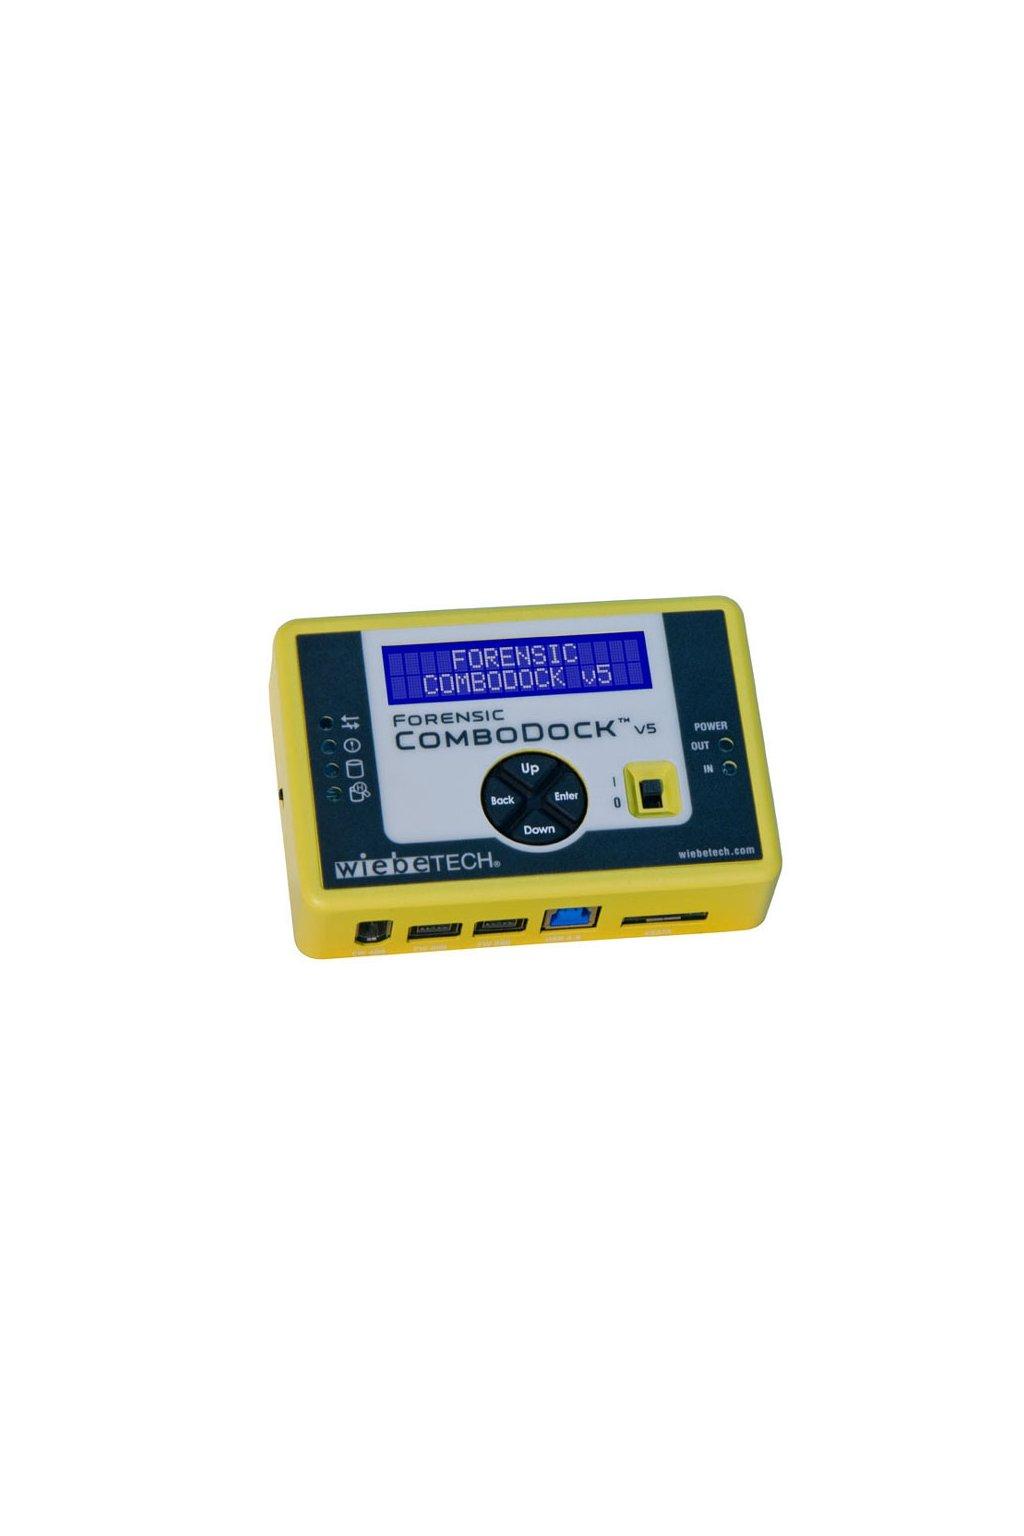 FCDv5 600x600 1